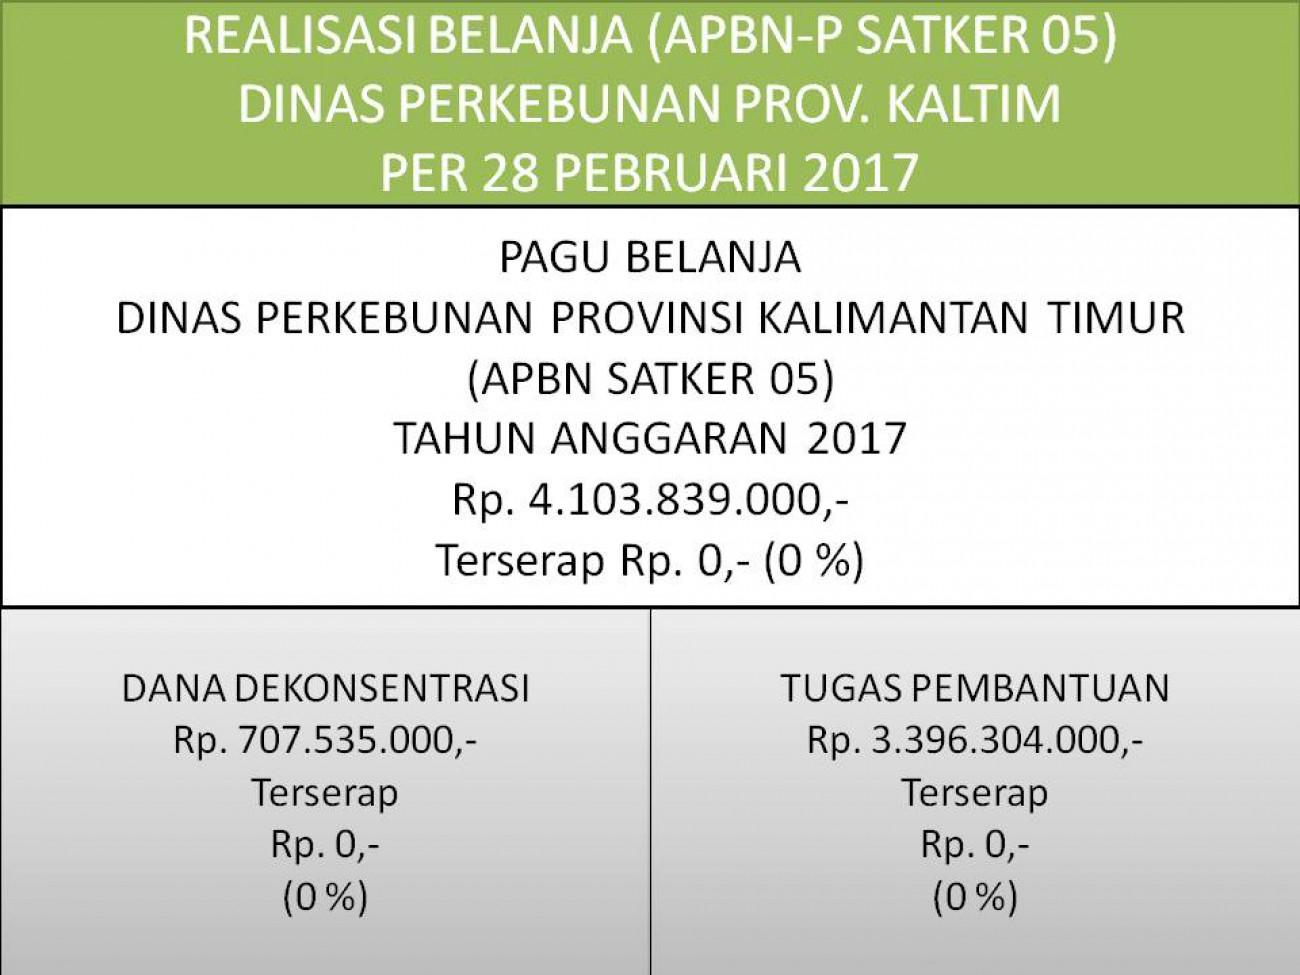 Laporan Realisasi APBN Satker 05 (Direktorat Jenderal Perkebunan) Dinas Perkebunan Prov. Kaltim Per 28 Pebruari 2017